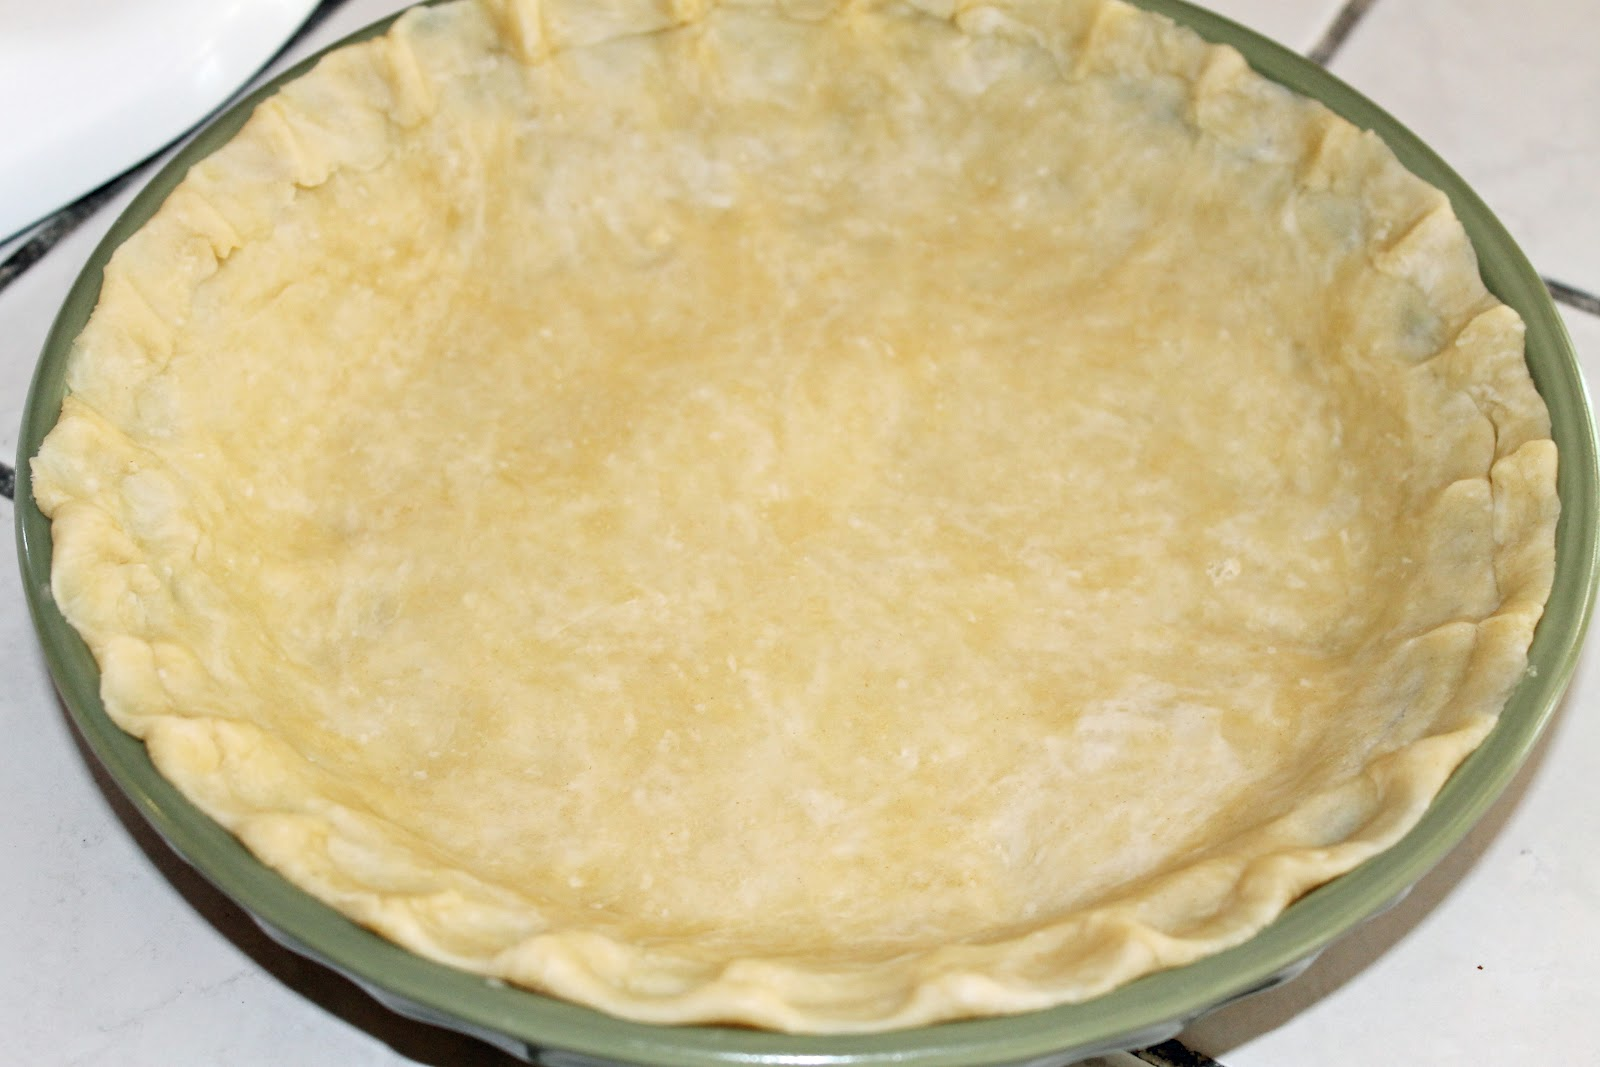 Pie Crust Designs http://momsmenuplanning.com/super-simple-pie-crust/